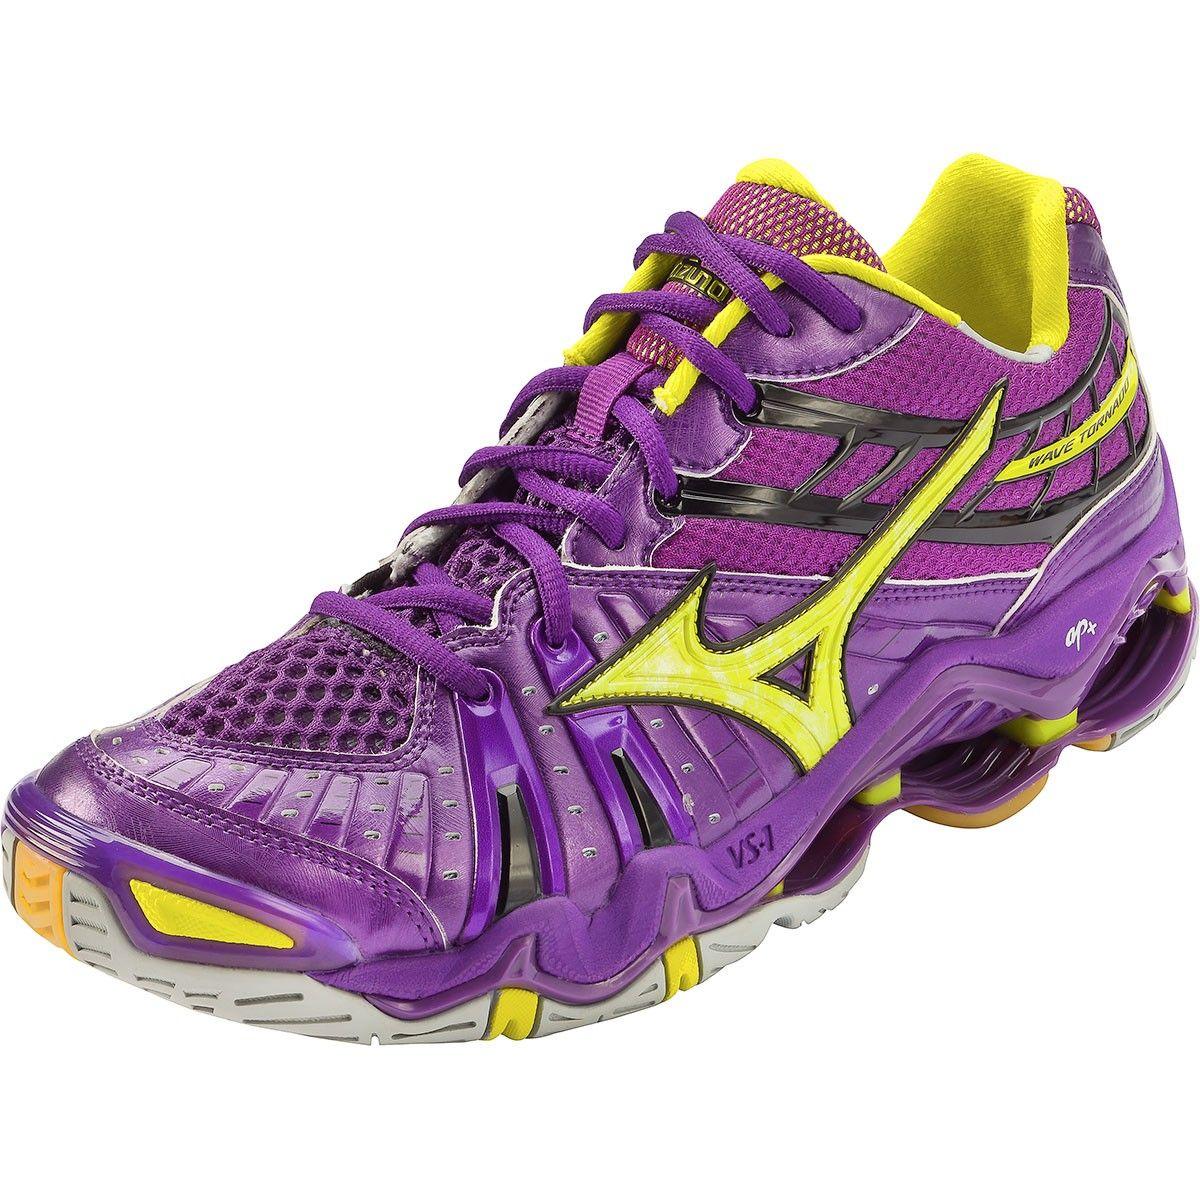 Mizuno Volleyball Shoes Mizuno Wave Tornado 7 Women S Volleyball Shoes Purple Yellow Volleyball Shoes Best Volleyball Shoes Mens Volleyball Shoes